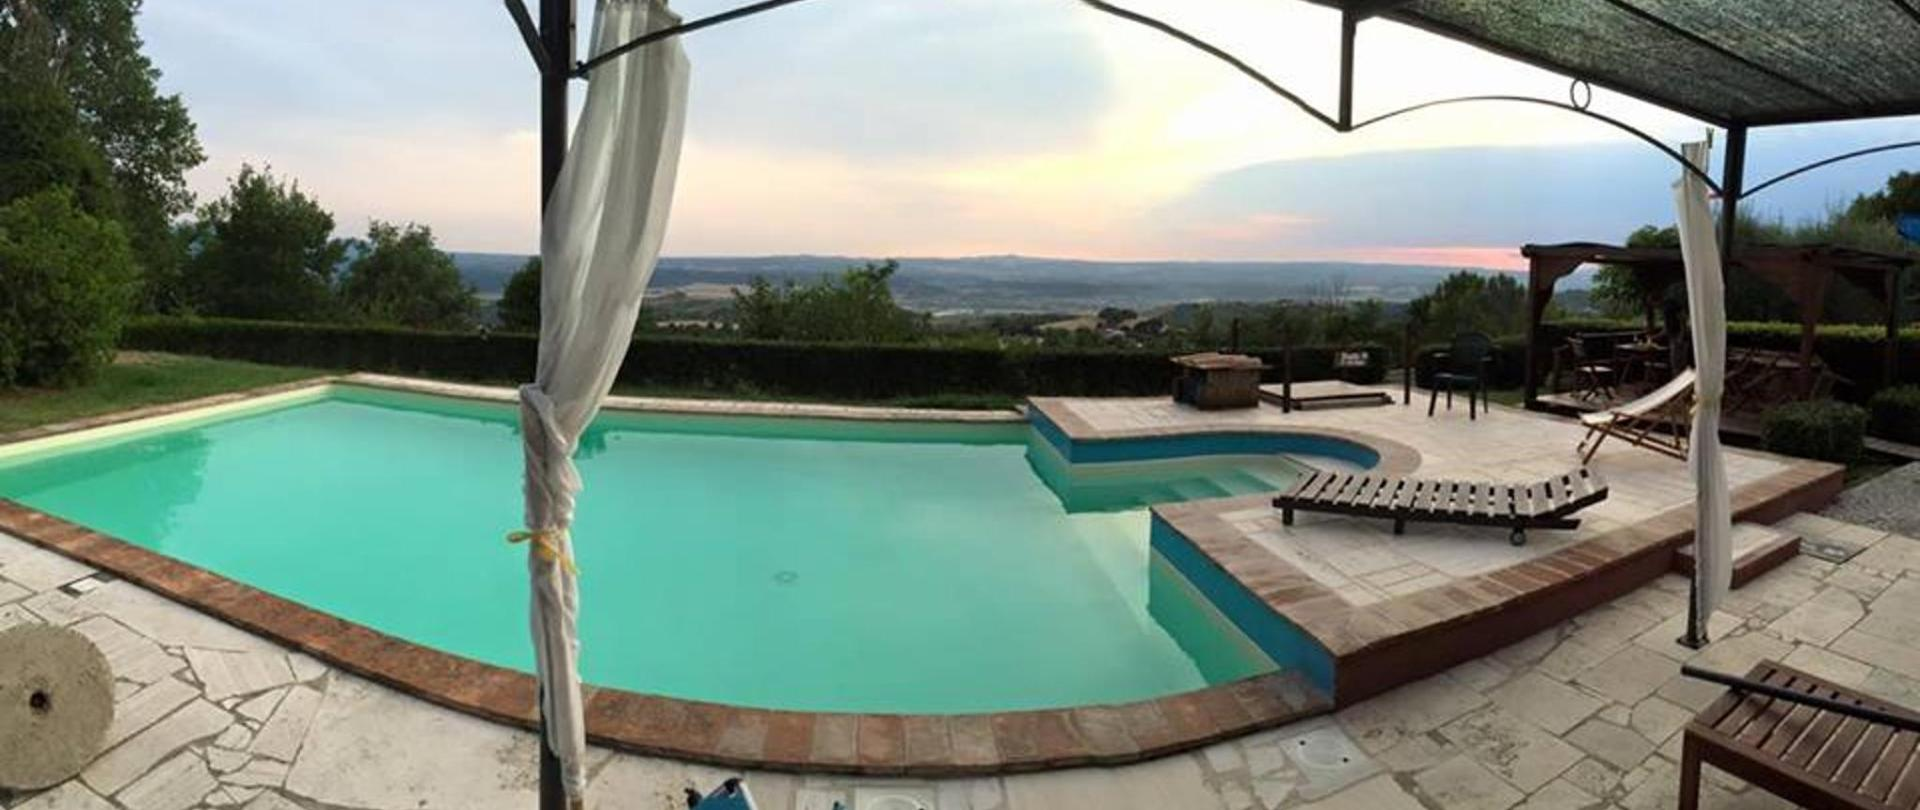 piscina e panorama.jpg